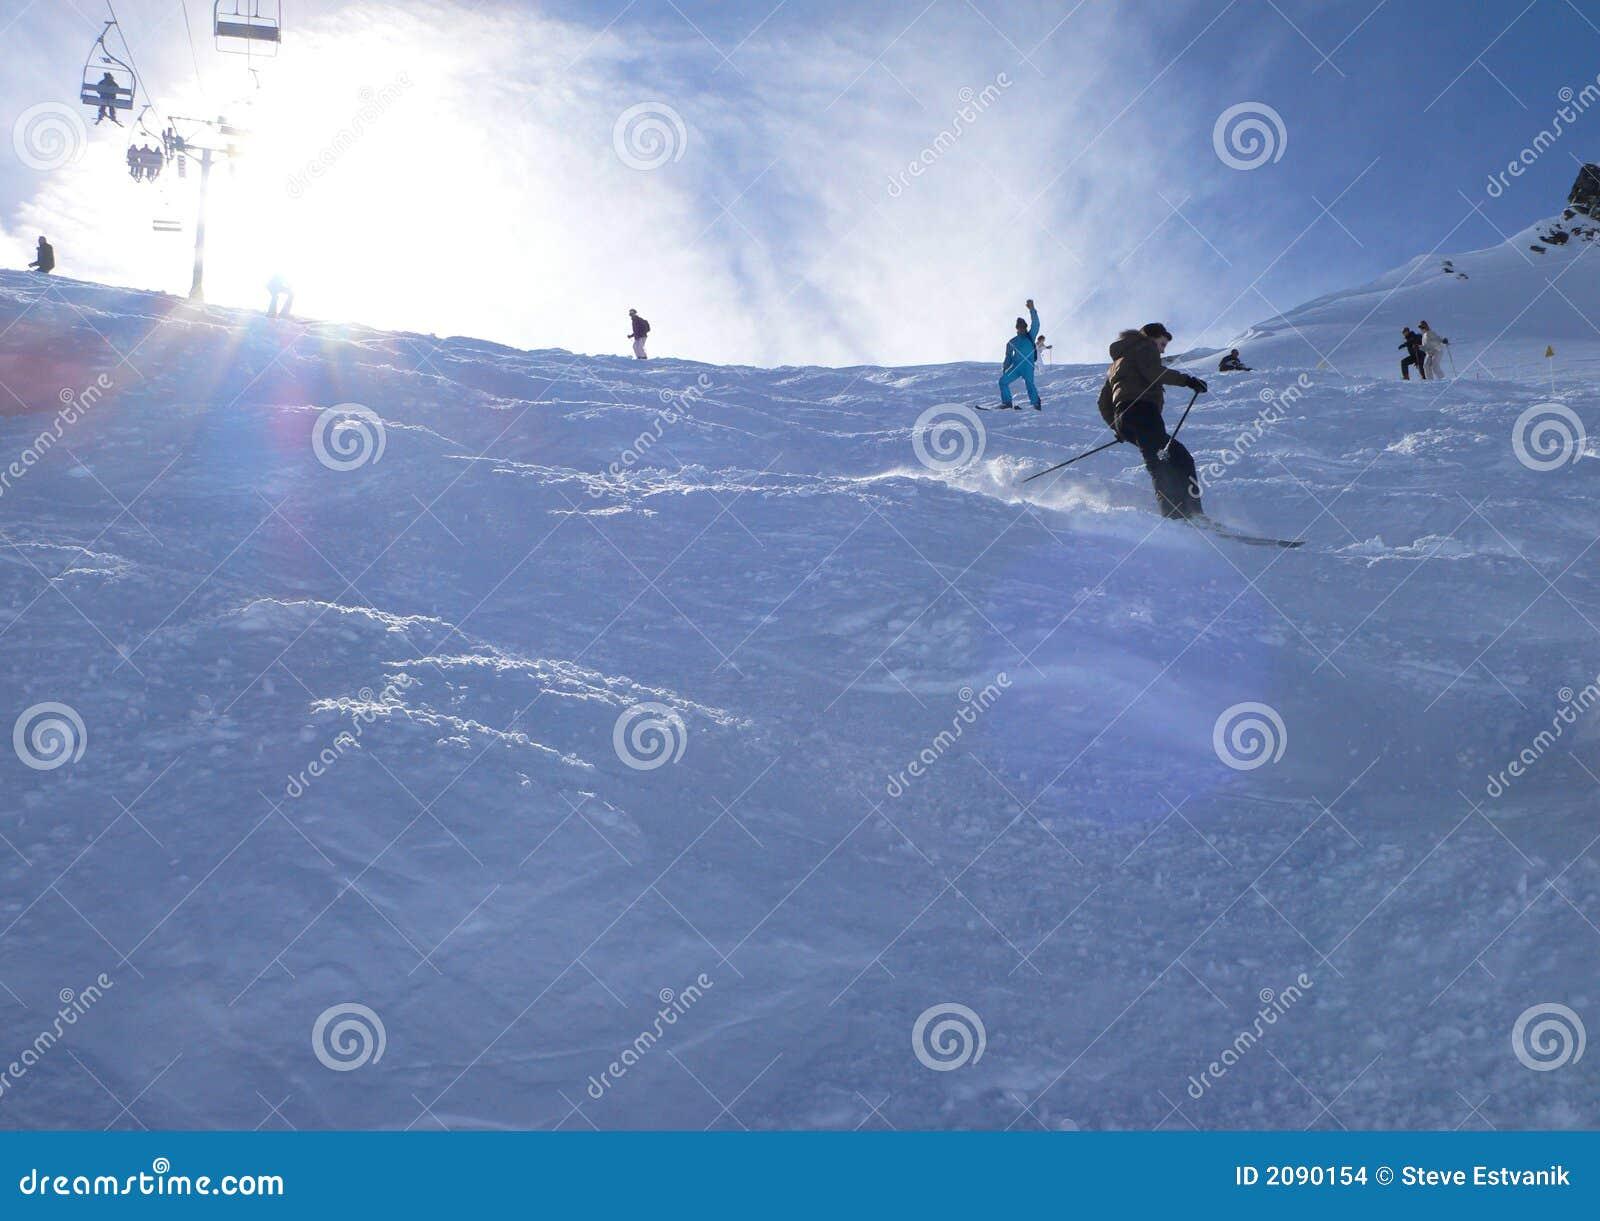 Von hinten beleuchtete Skifahrer im Puderschnee